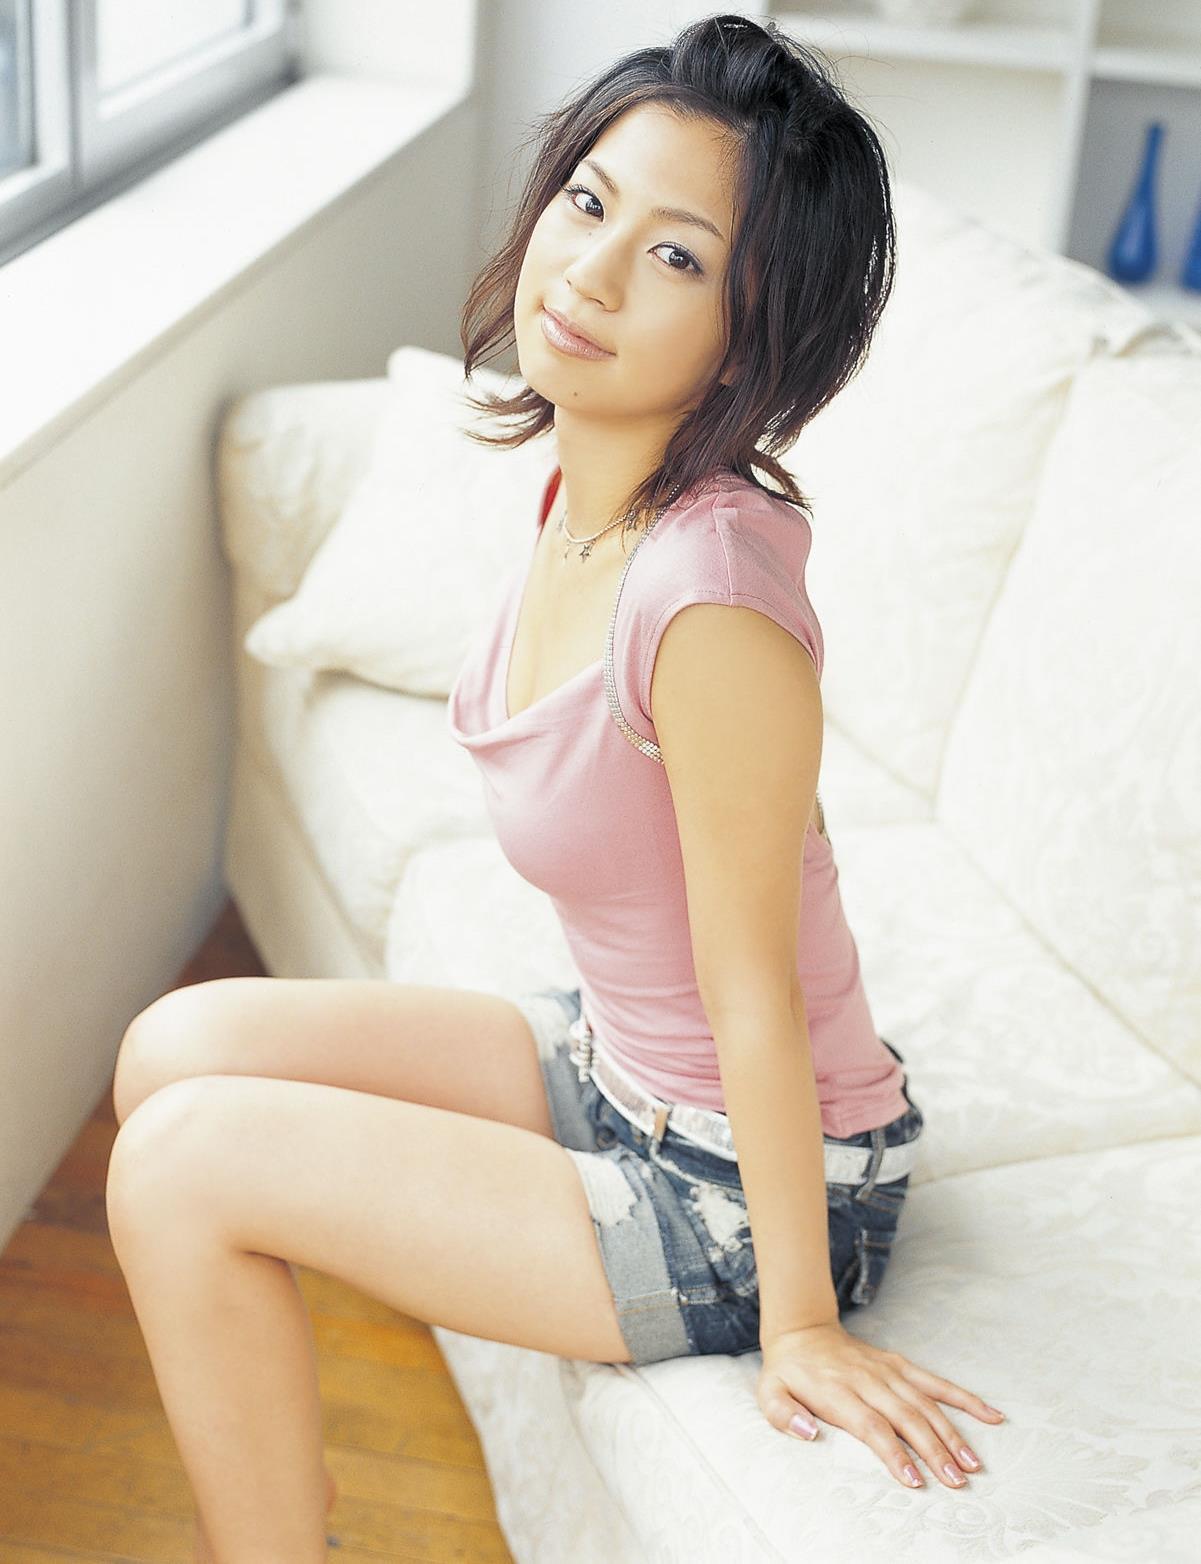 安田美沙子 画像 60